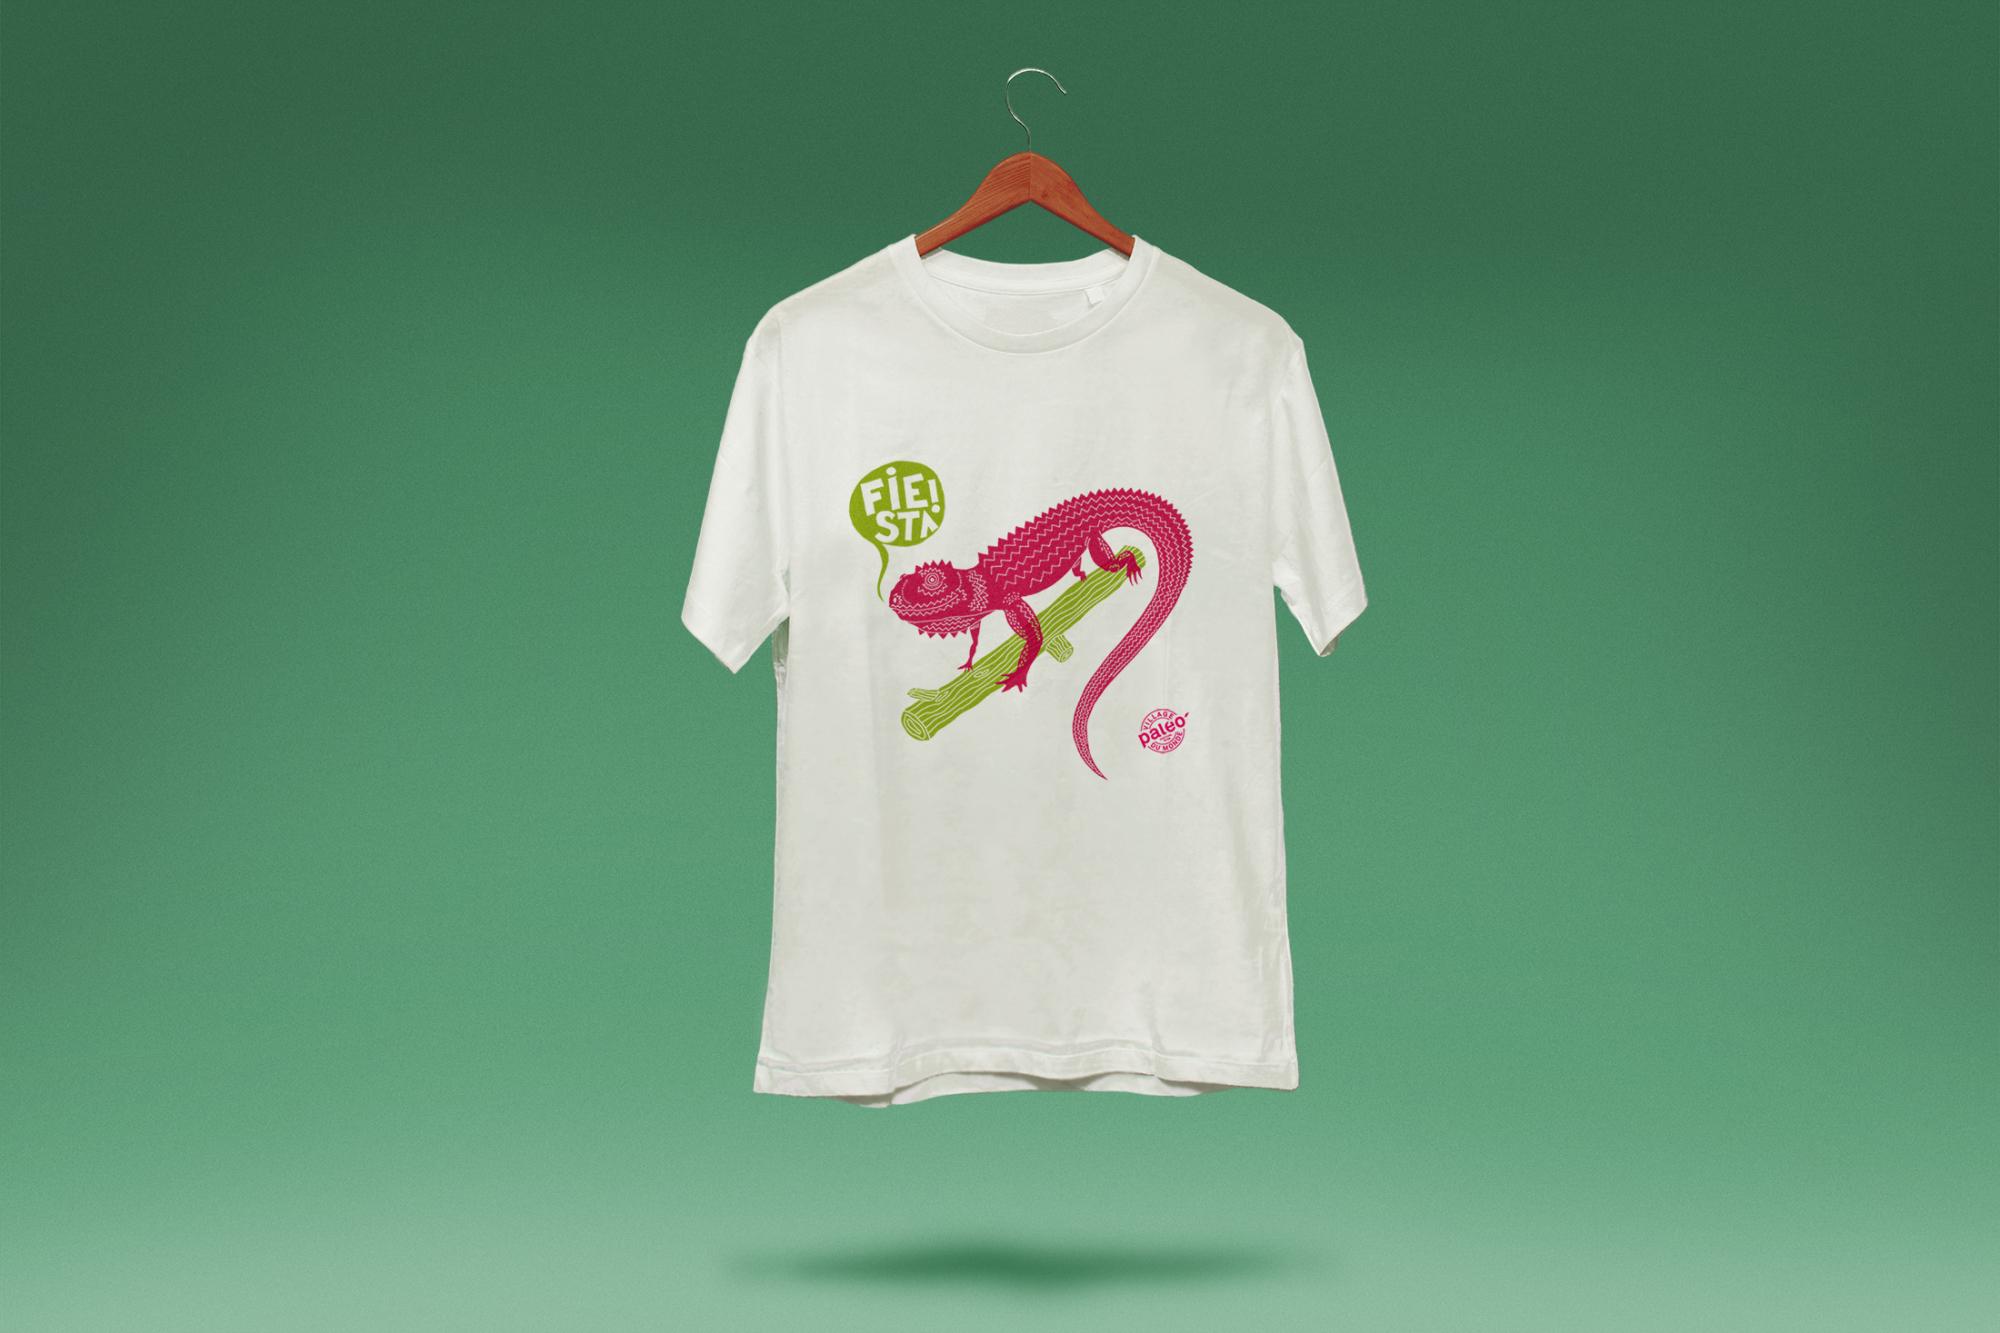 Graphisme Geneve graphic design graphique direction artistique paleo festival village du monde caraibes 2011 illustration merchandising  t-shirt